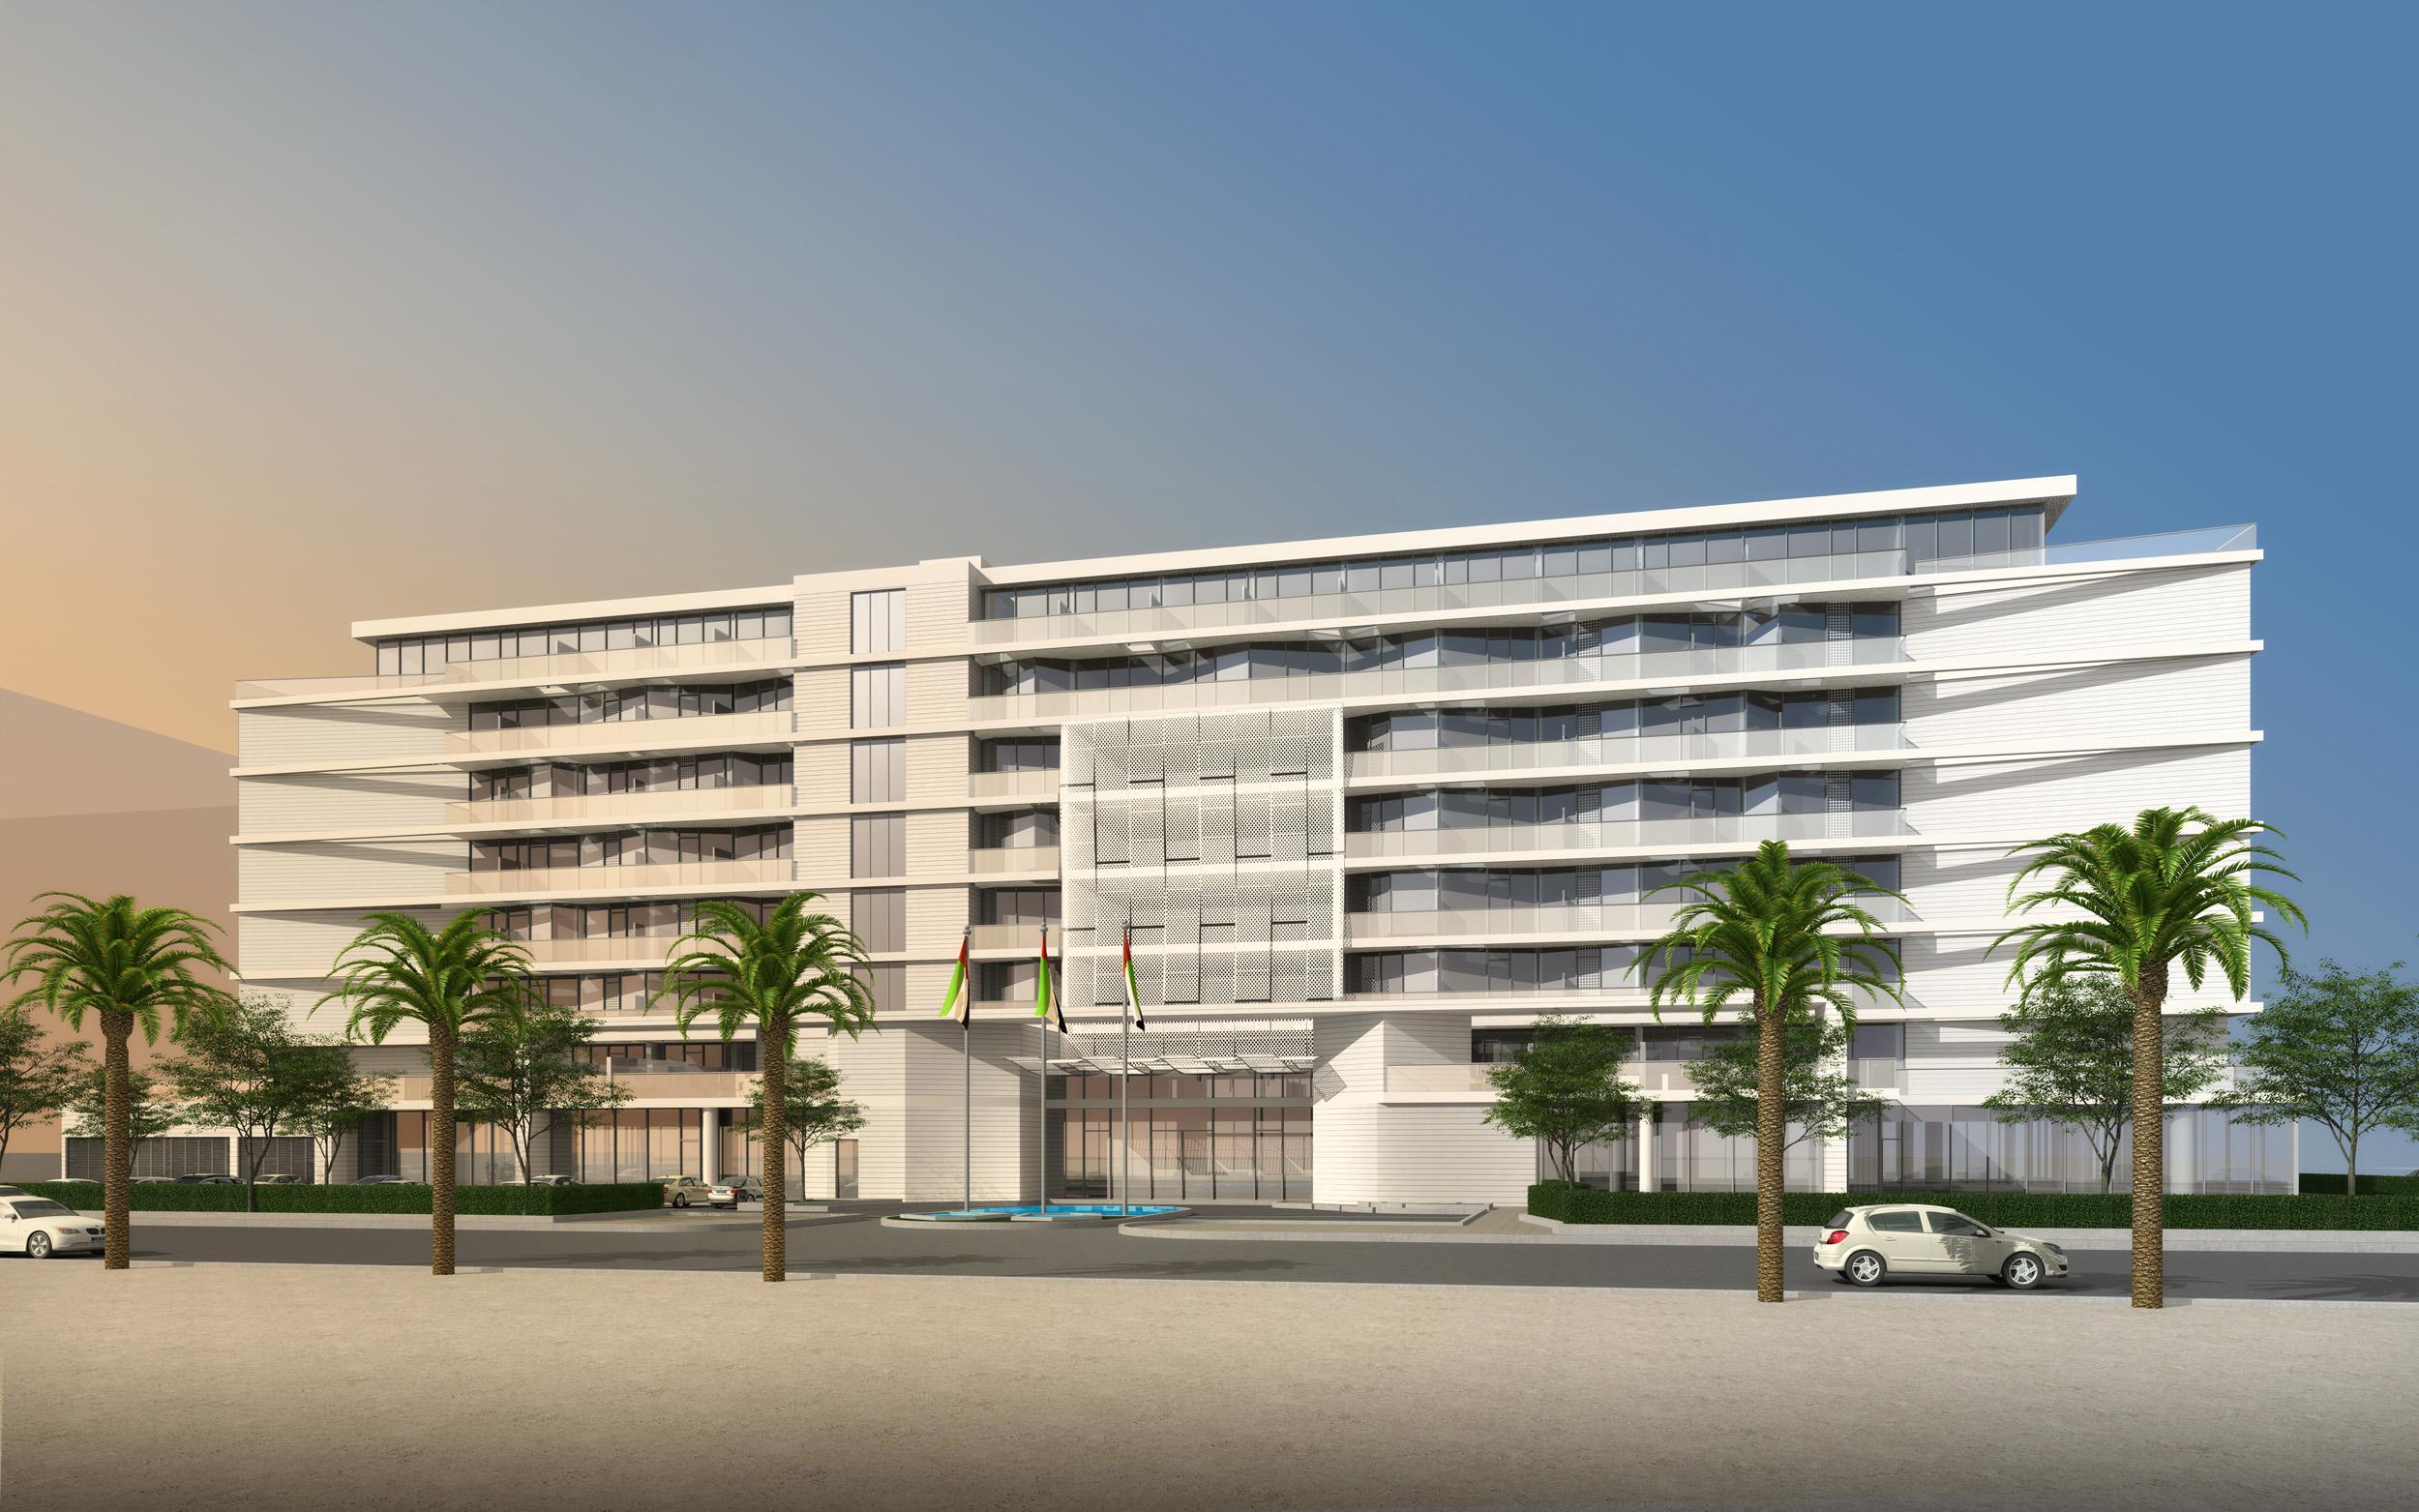 فندق ذا رتريت نخلة دبي ينضم لقائمة فنادق الشفاء عالمية المستوى